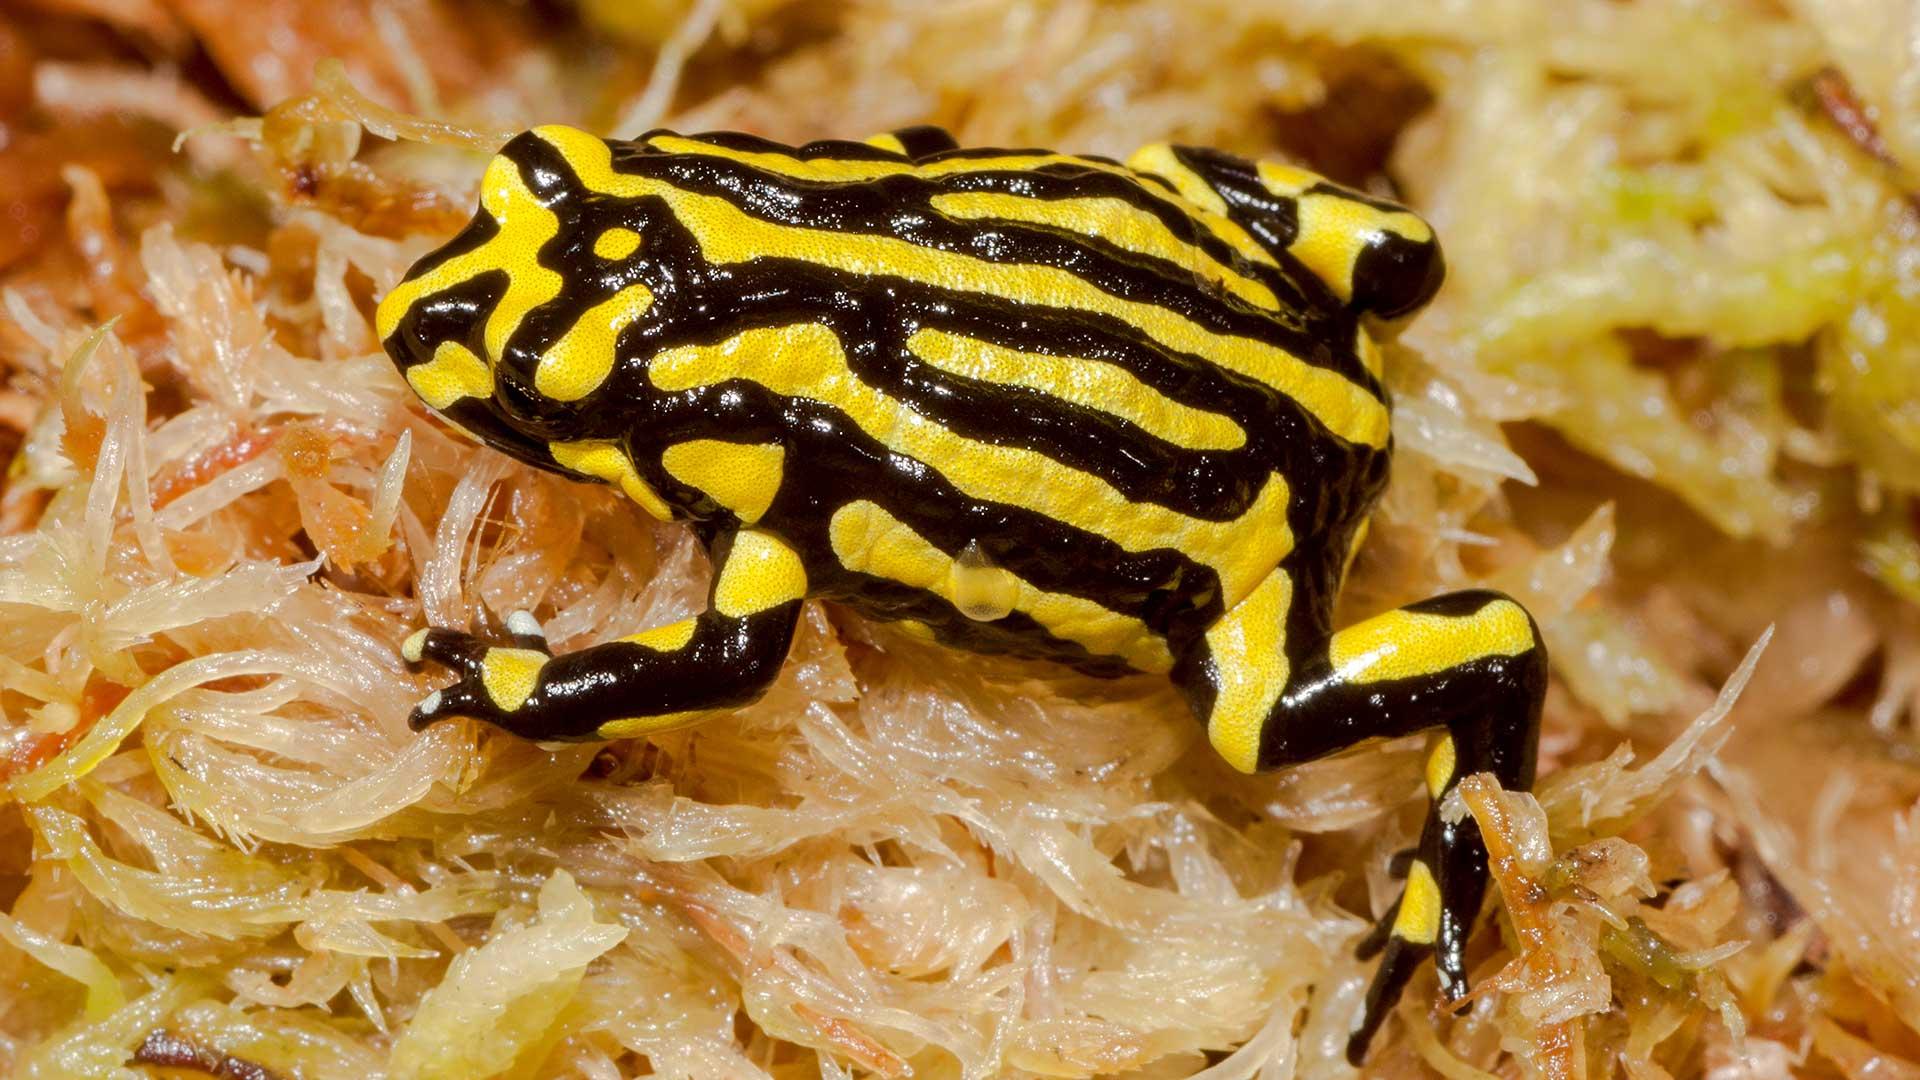 Es ist zu befürchten, dass der Südliche Corrobee Frosche verloren ist. © Ken Griffiths / iStock / Getty Images